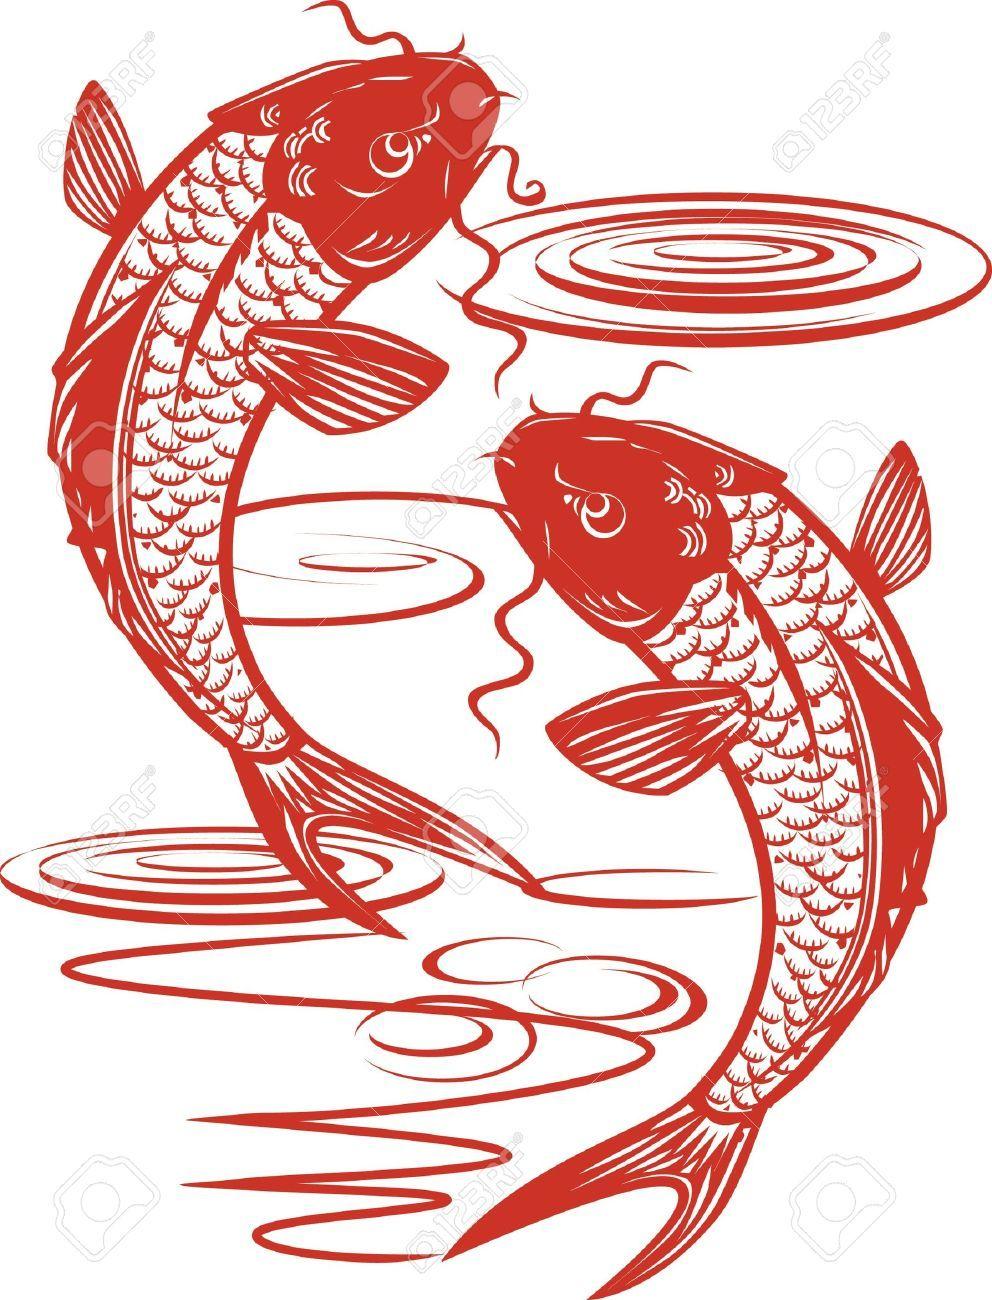 Koi Fish Stock Vector Illustration And Royalty Free Koi Fish.